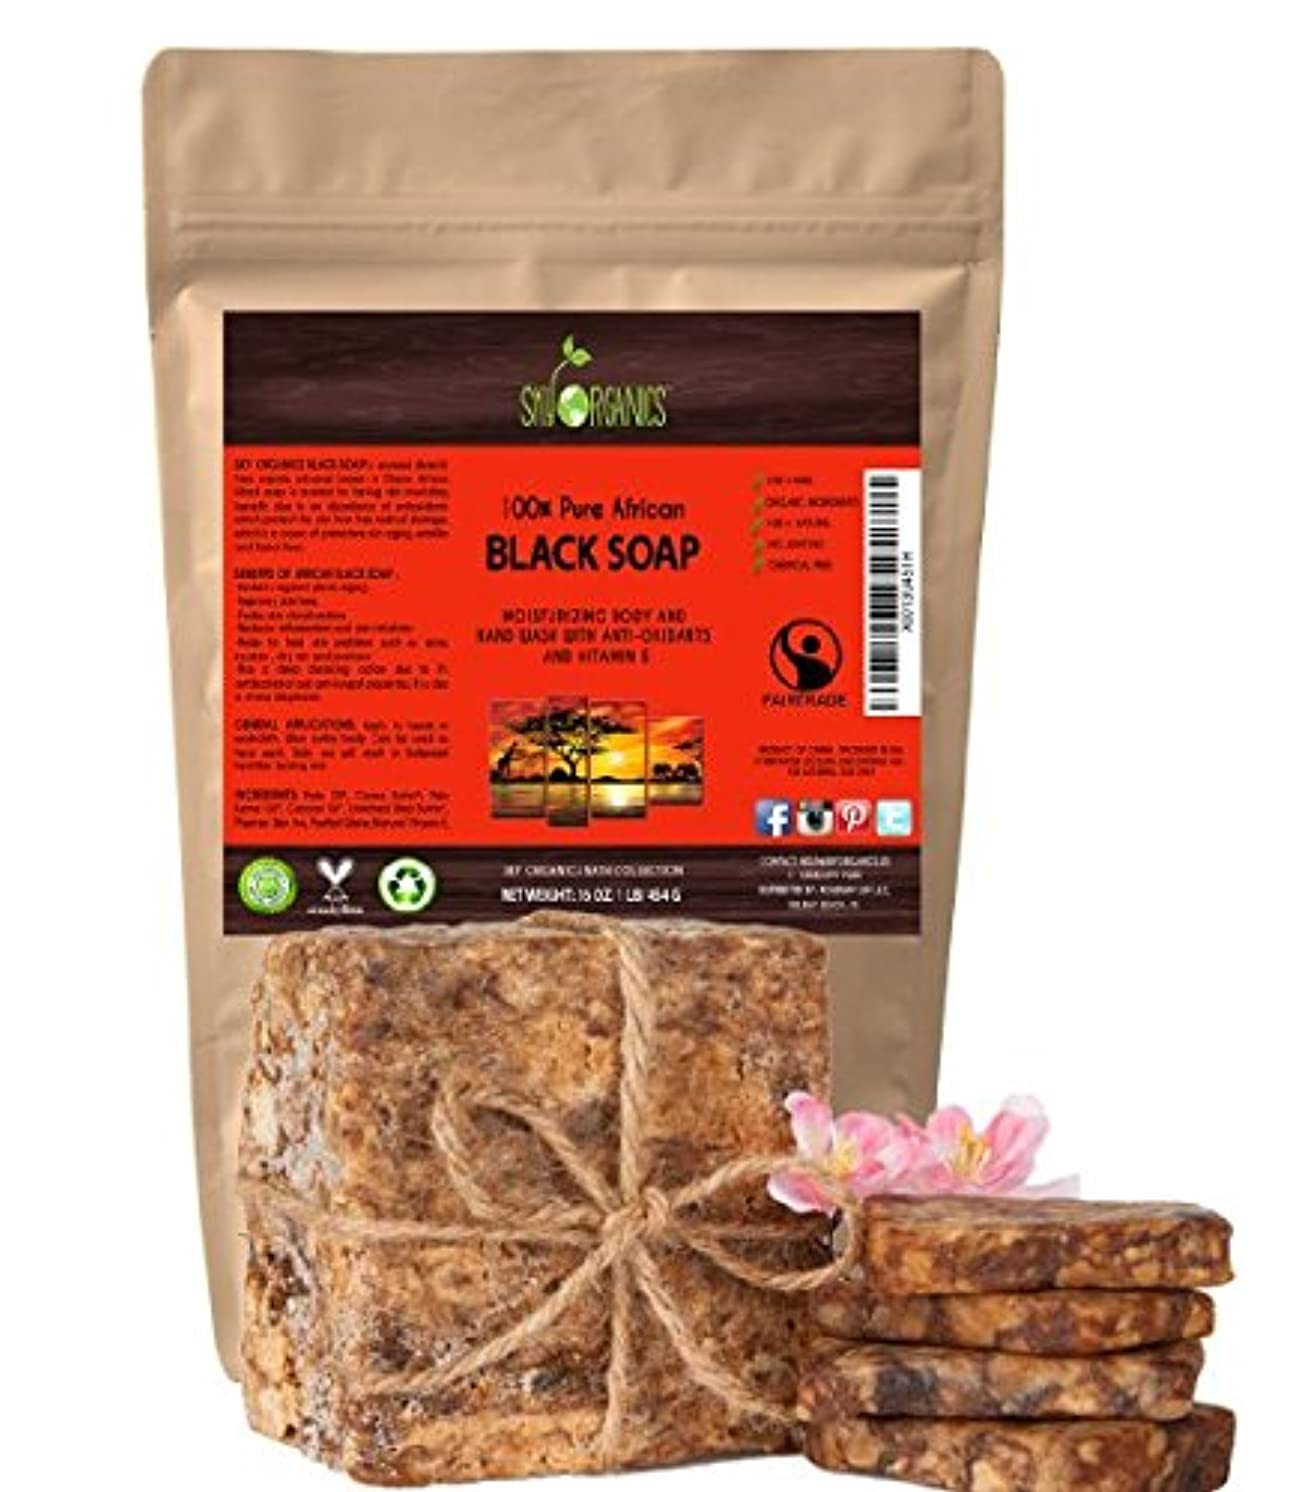 普通のライナー体系的に切って使う オーガニック アフリカン ブラックソープ (約4563gブロック)Organic African Black Soap (16oz block) - Raw Organic Soap Ideal for Acne...